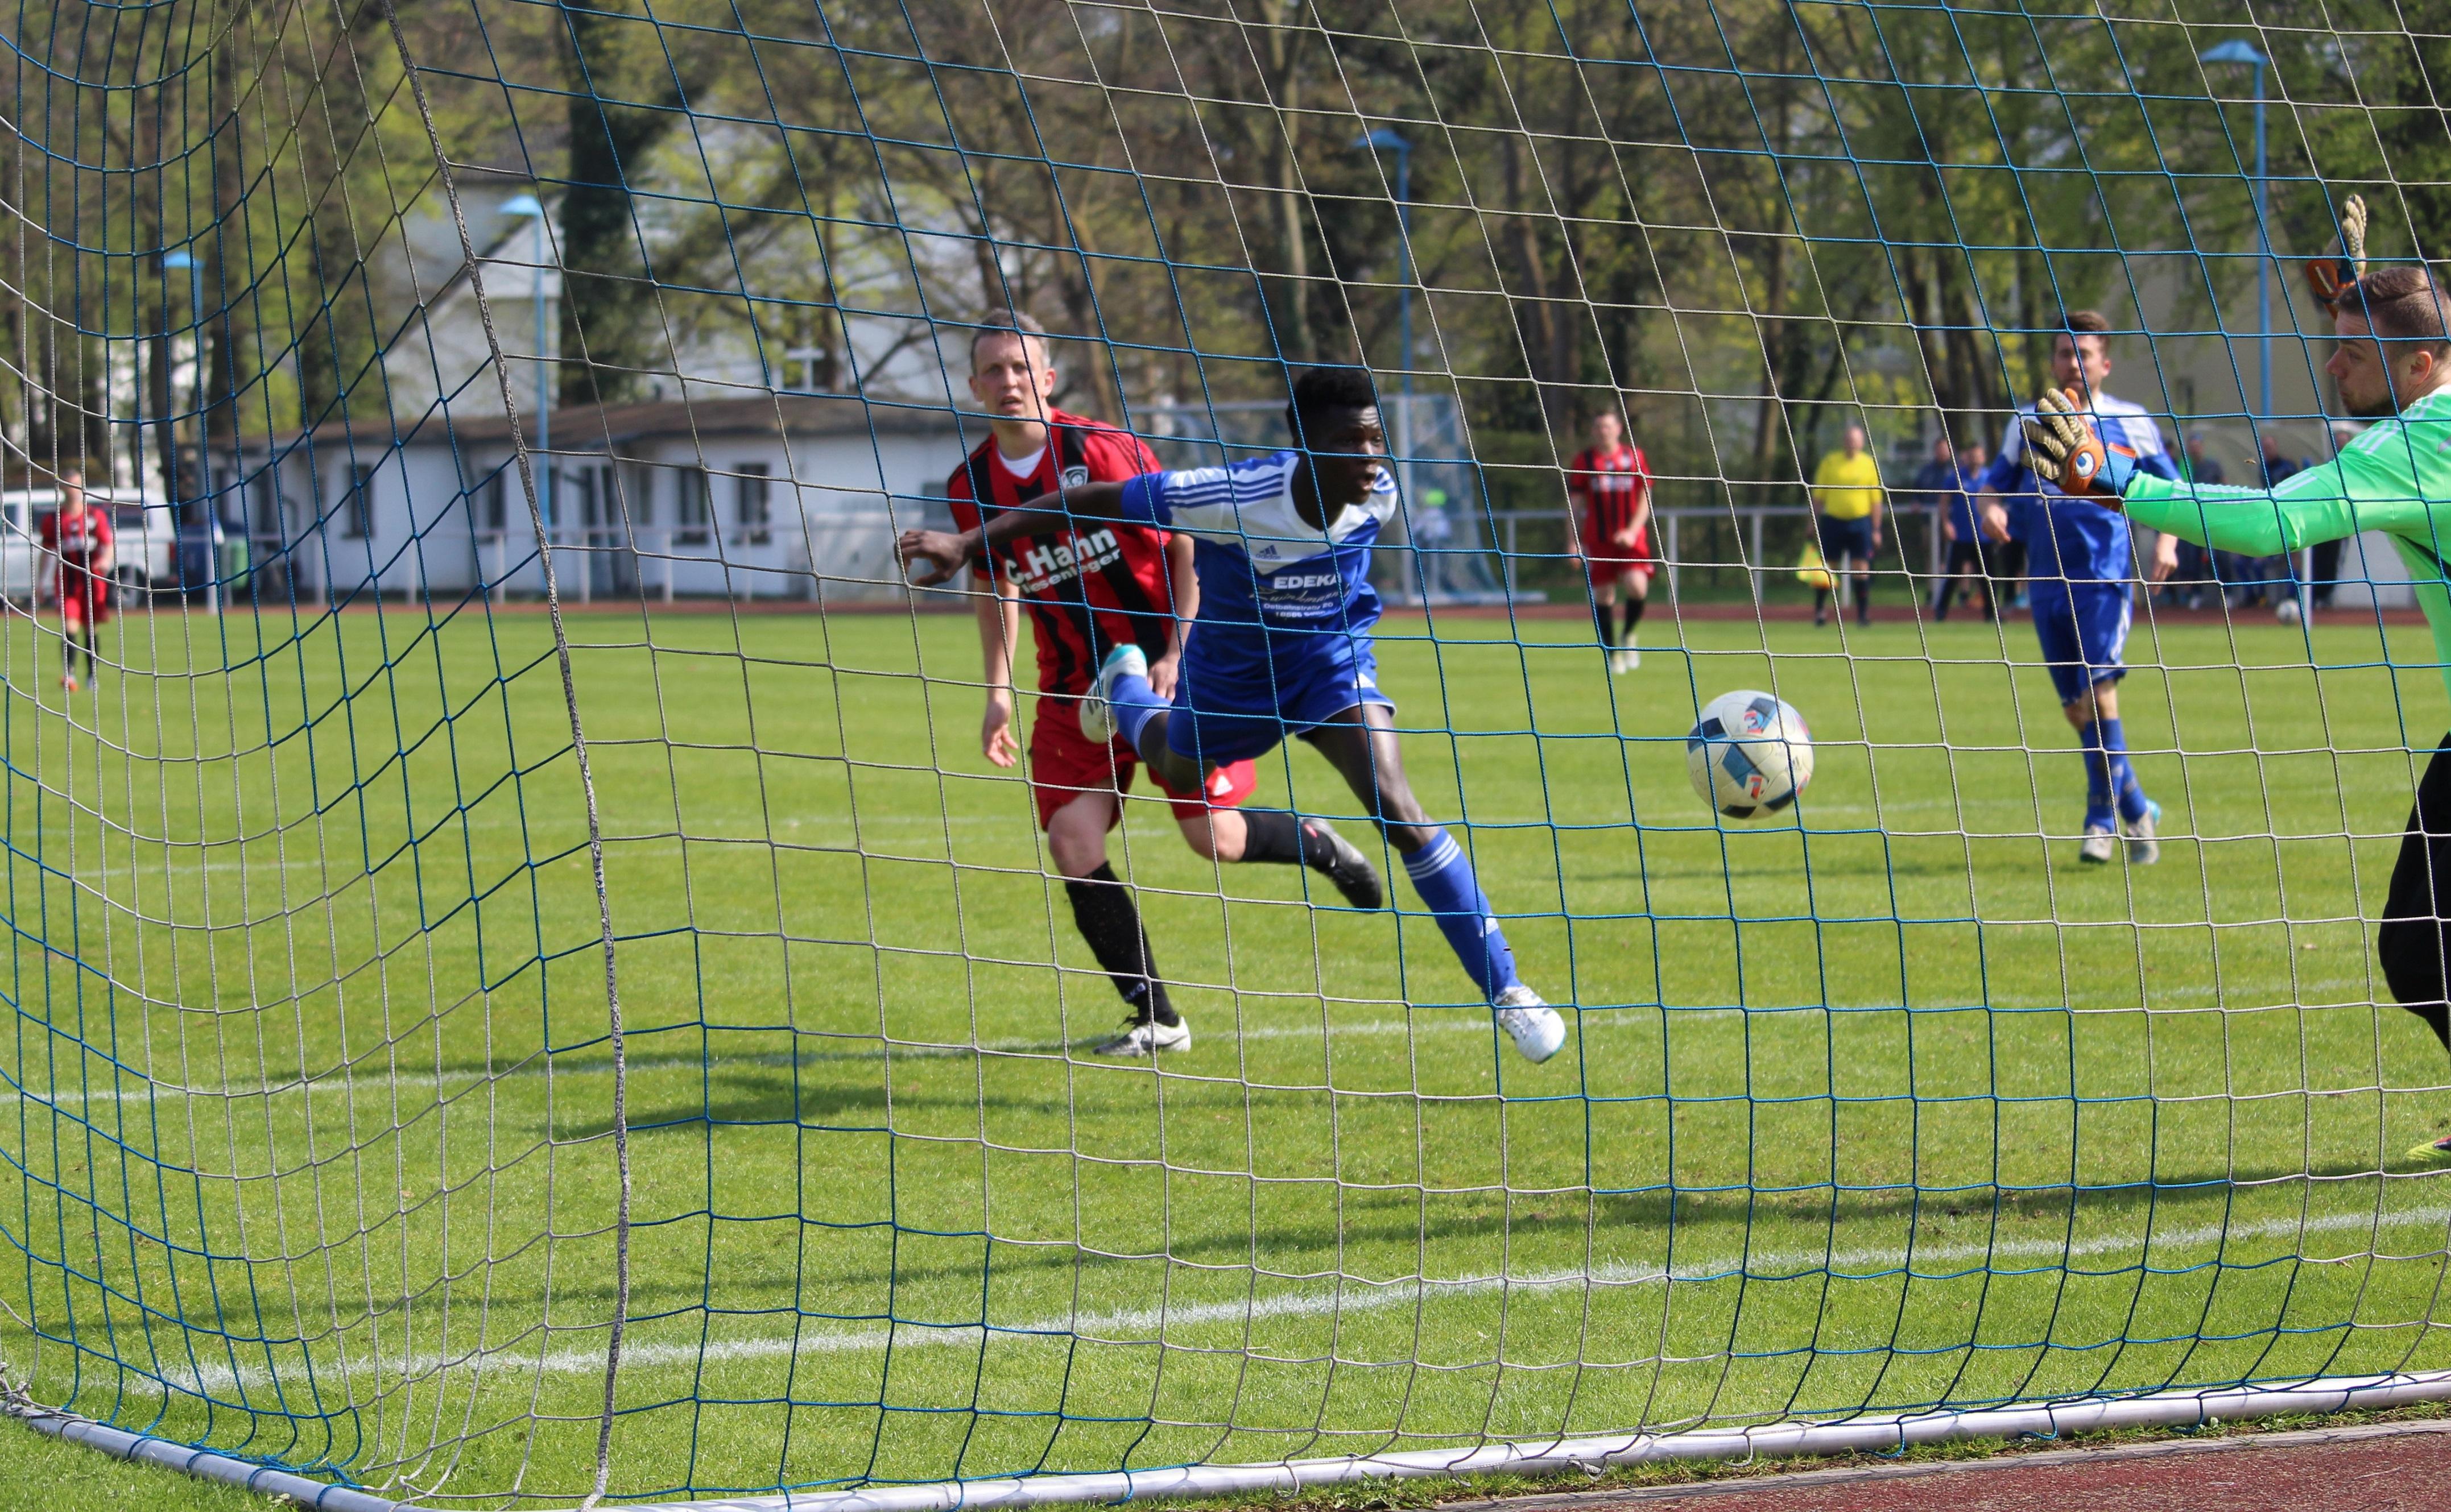 Bengali Mara köpft den Ball zum 1:0 ins Tor